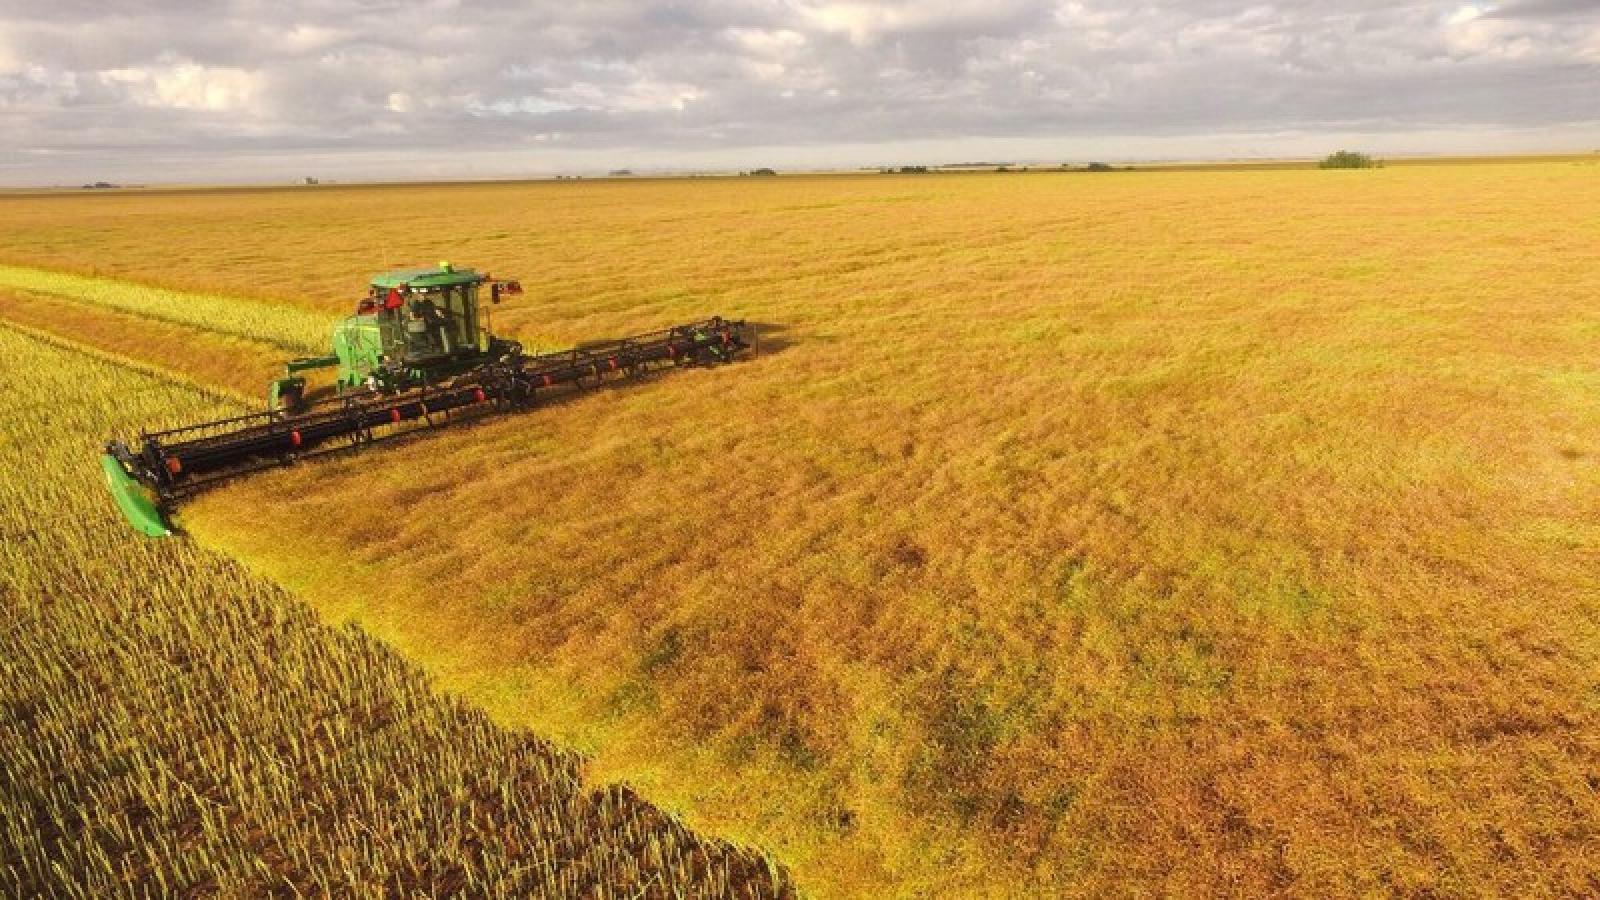 Trung Quốc ngừng nhập lúa mạch từ nhà xuất khẩu ngũ cốc lớn nhất Australia